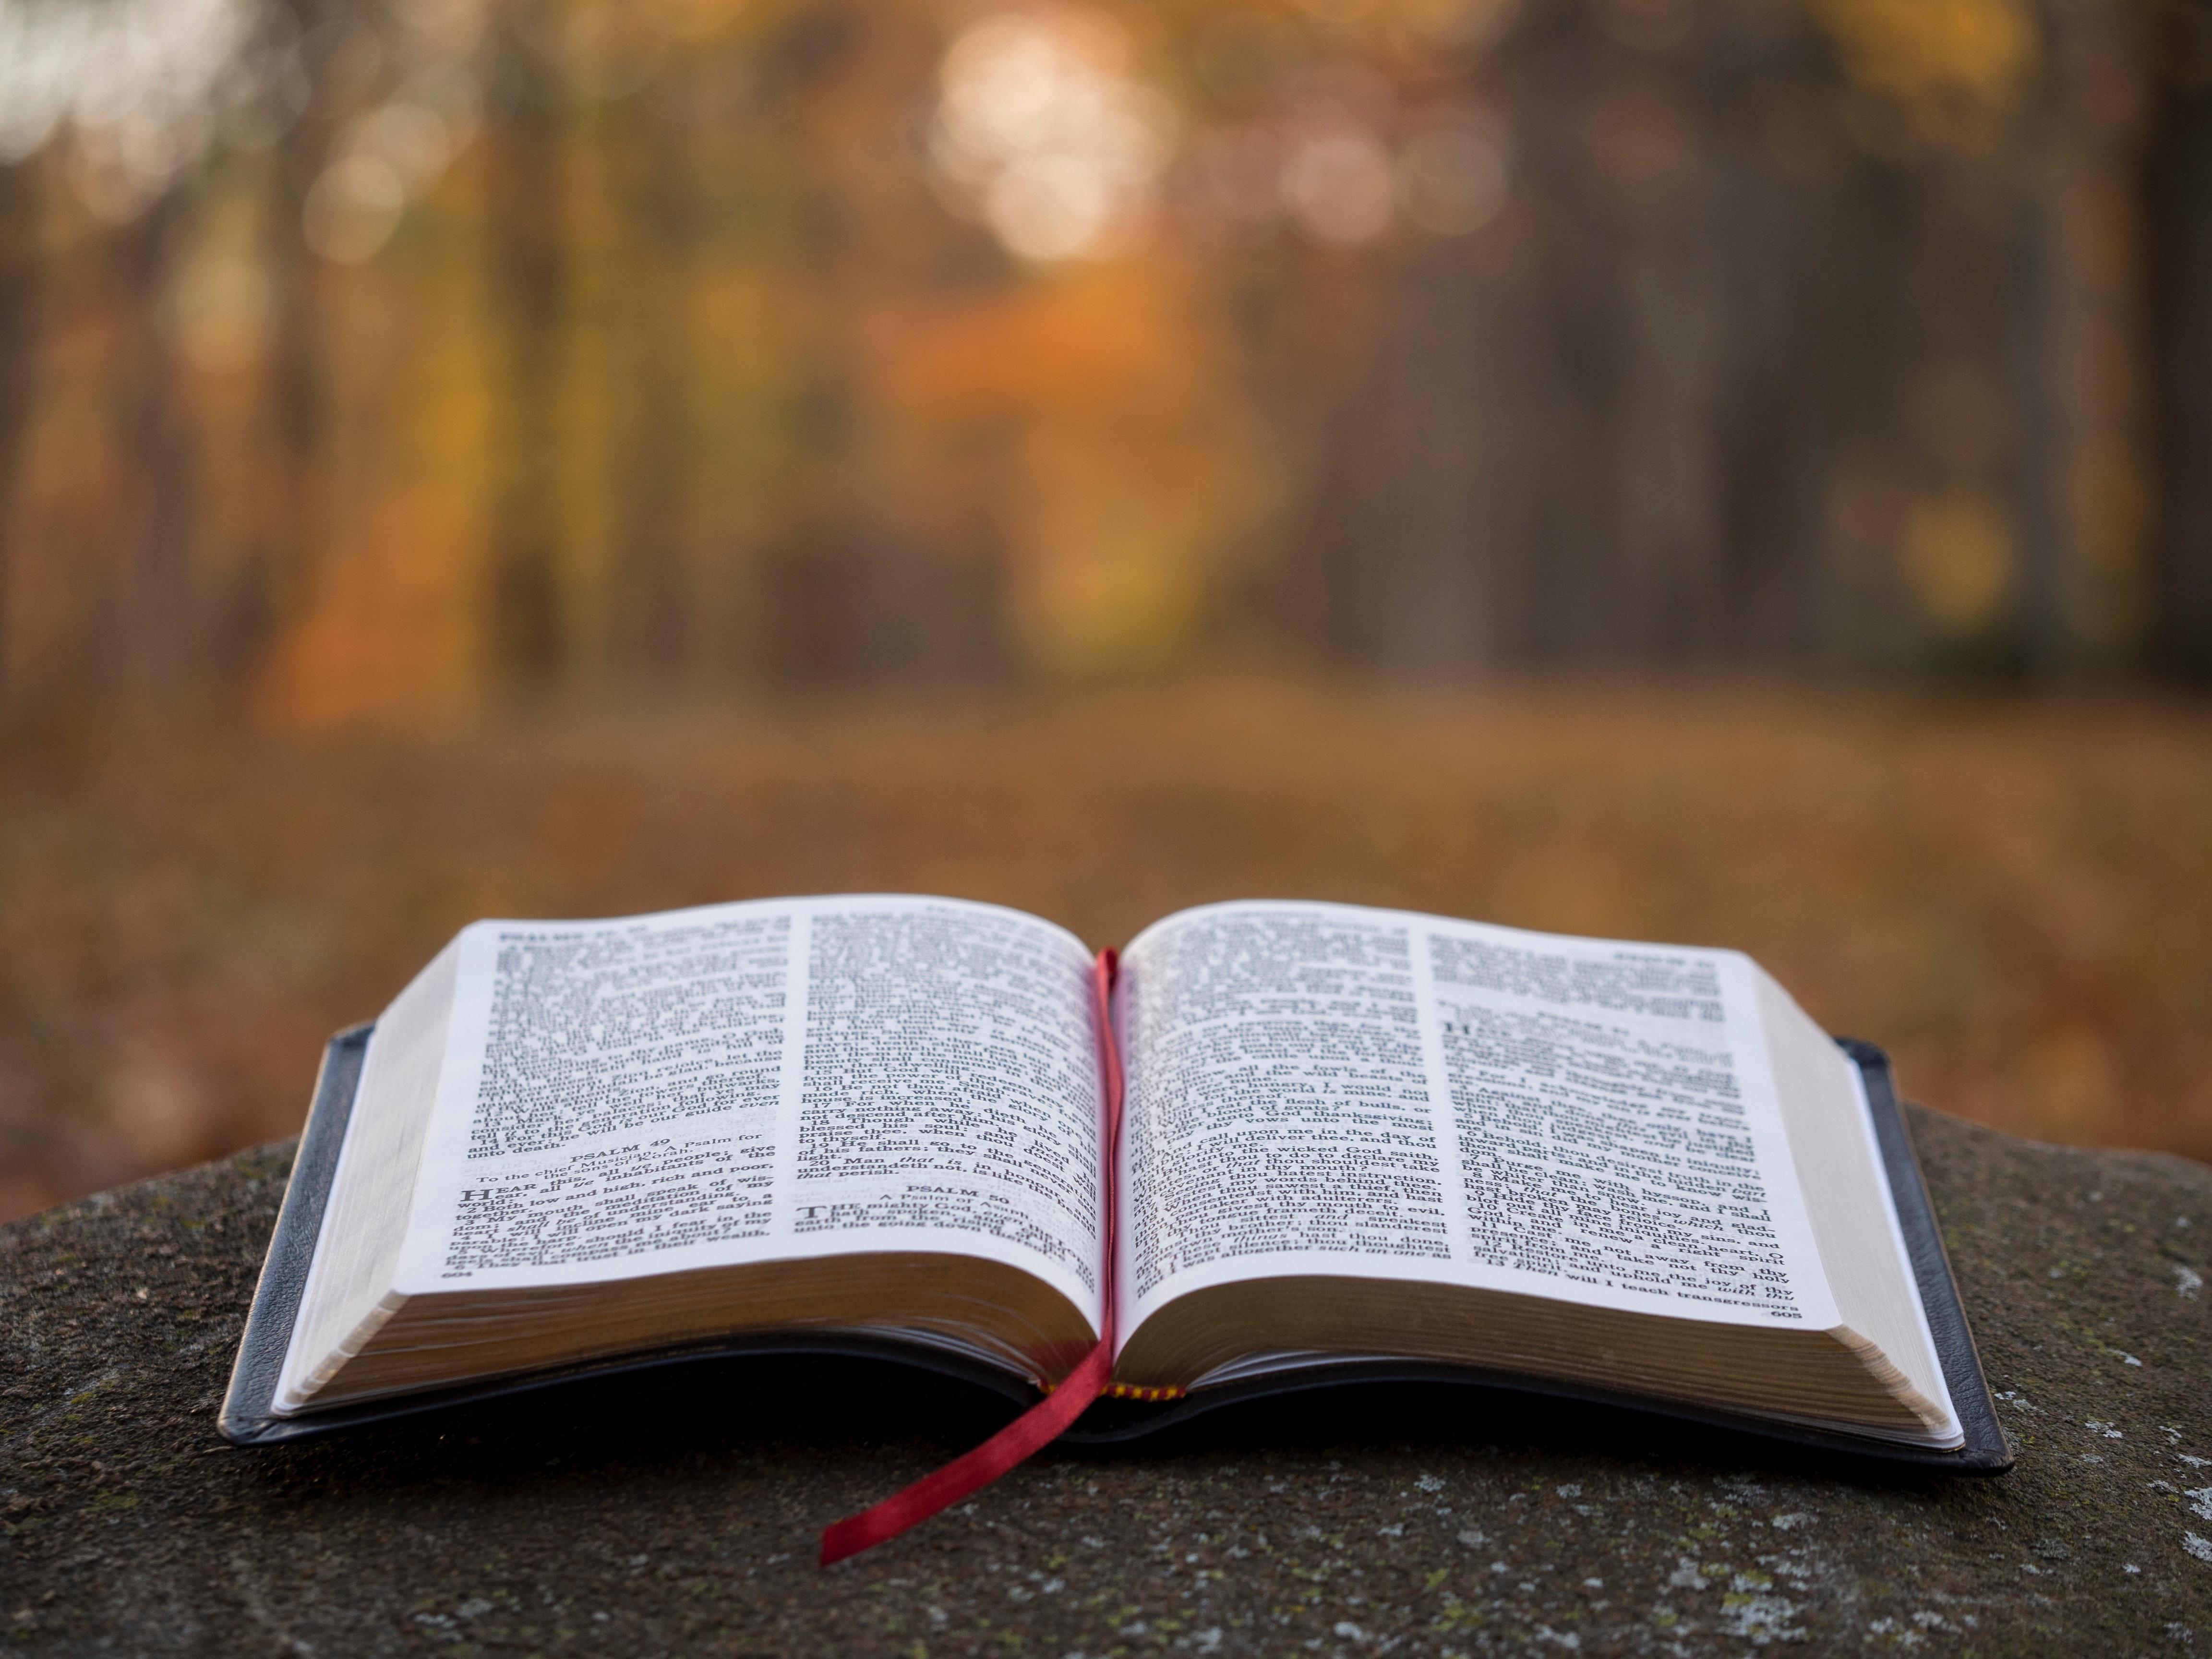 Mi a Szentháromság lényege? Te tudod? – Most eláruljuk!